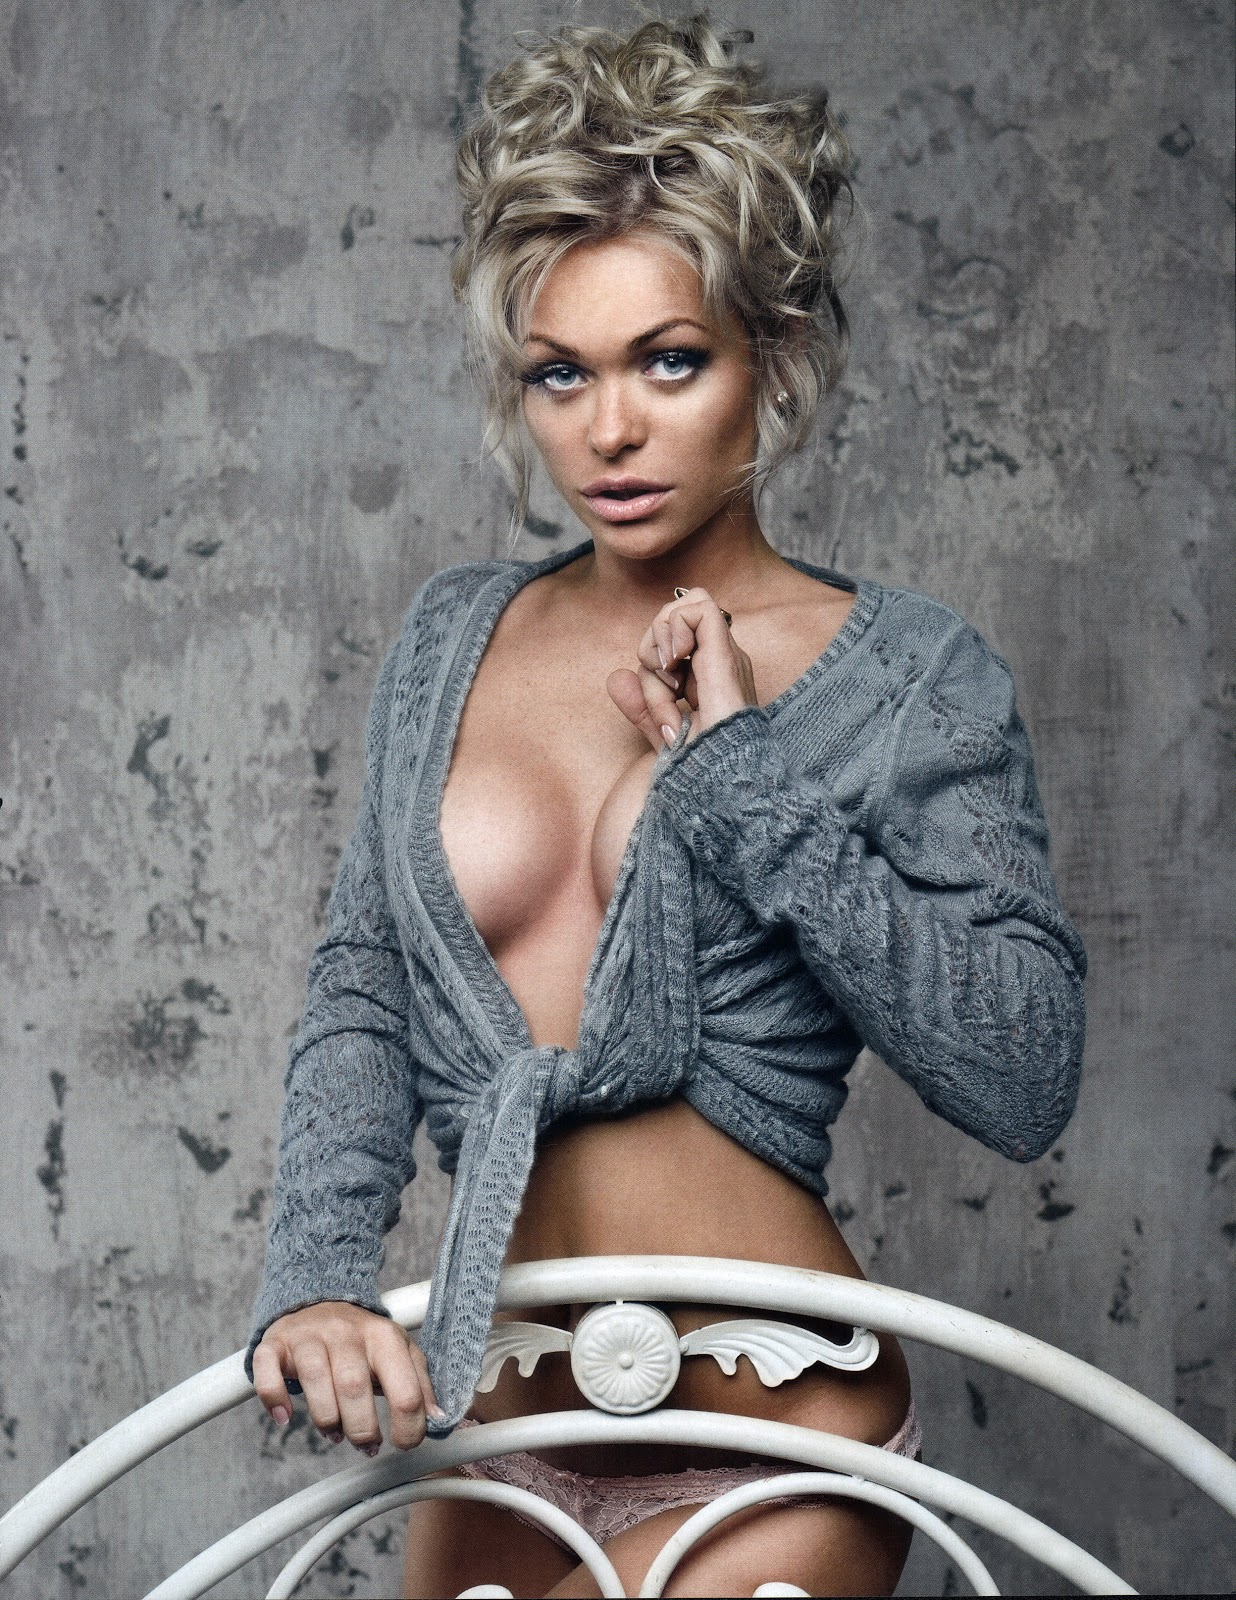 Голая Екатерина Стриженова  Фейк и фото голых телеведущих